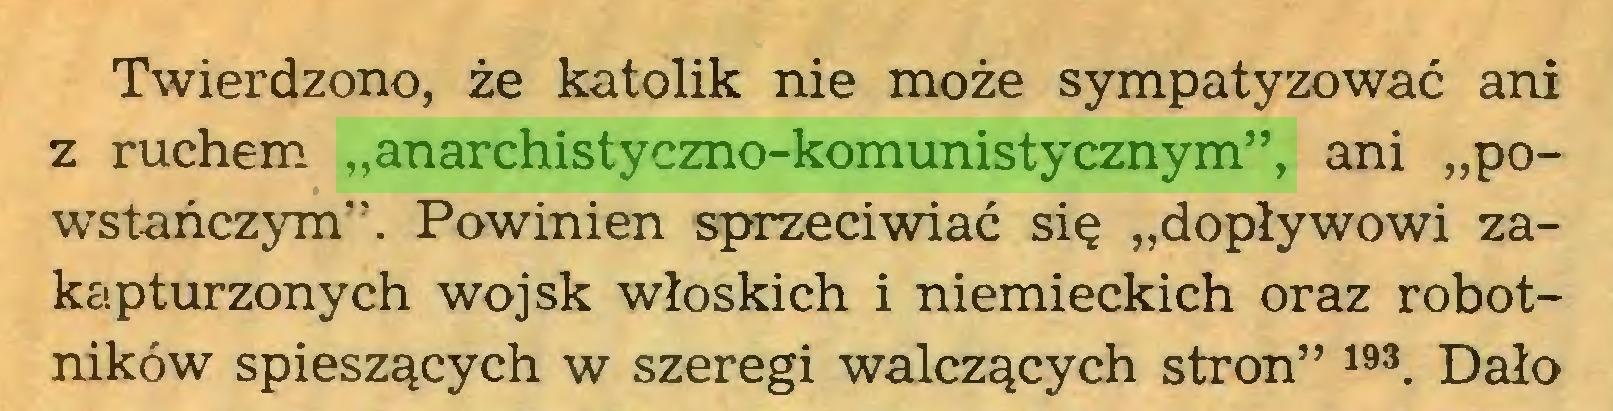 """(...) Twierdzono, że katolik nie może sympatyzować ani z ruchem """"anarchistyczno-komunistycznym"""", ani """"powstańczym*'. Powinien sprzeciwiać się """"dopływowi zakapturzonych wojsk włoskich i niemieckich oraz robotników spieszących w szeregi walczących stron"""" 193. Dało..."""